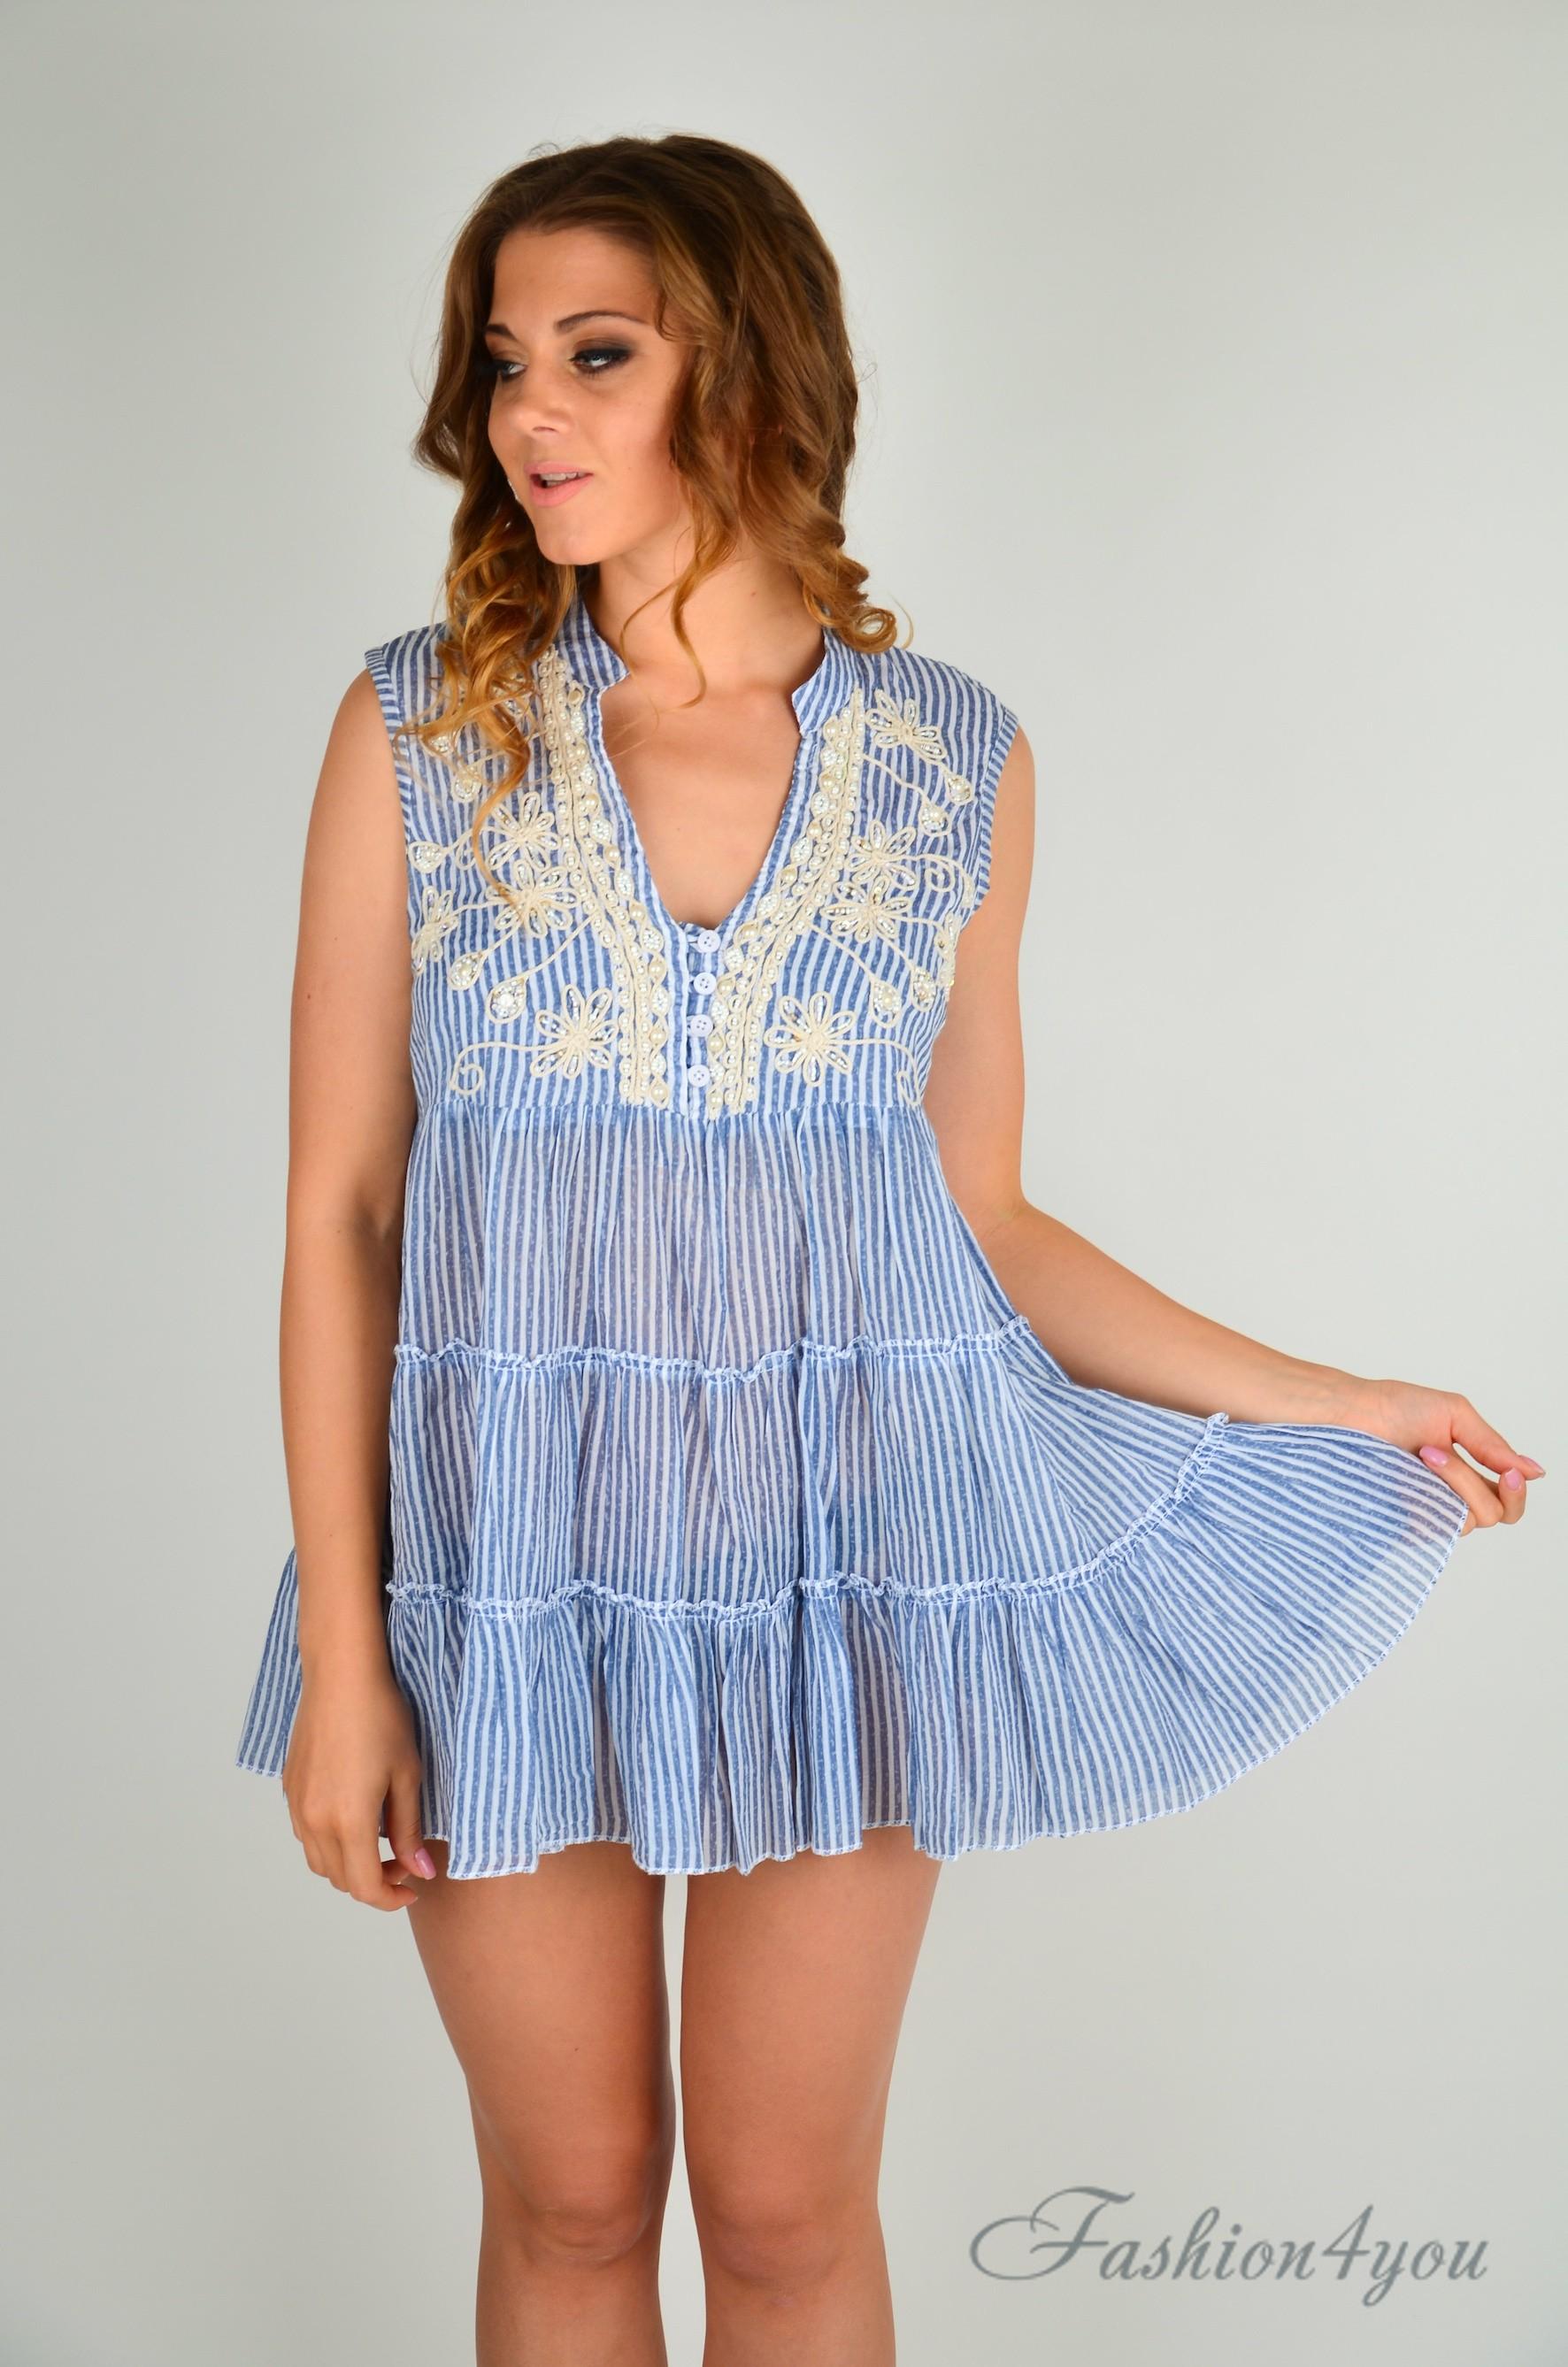 cb9c5c3a3ad3d Полосатое пляжное платье мини, с вышивкой Iconique IC9-059 - фото №3